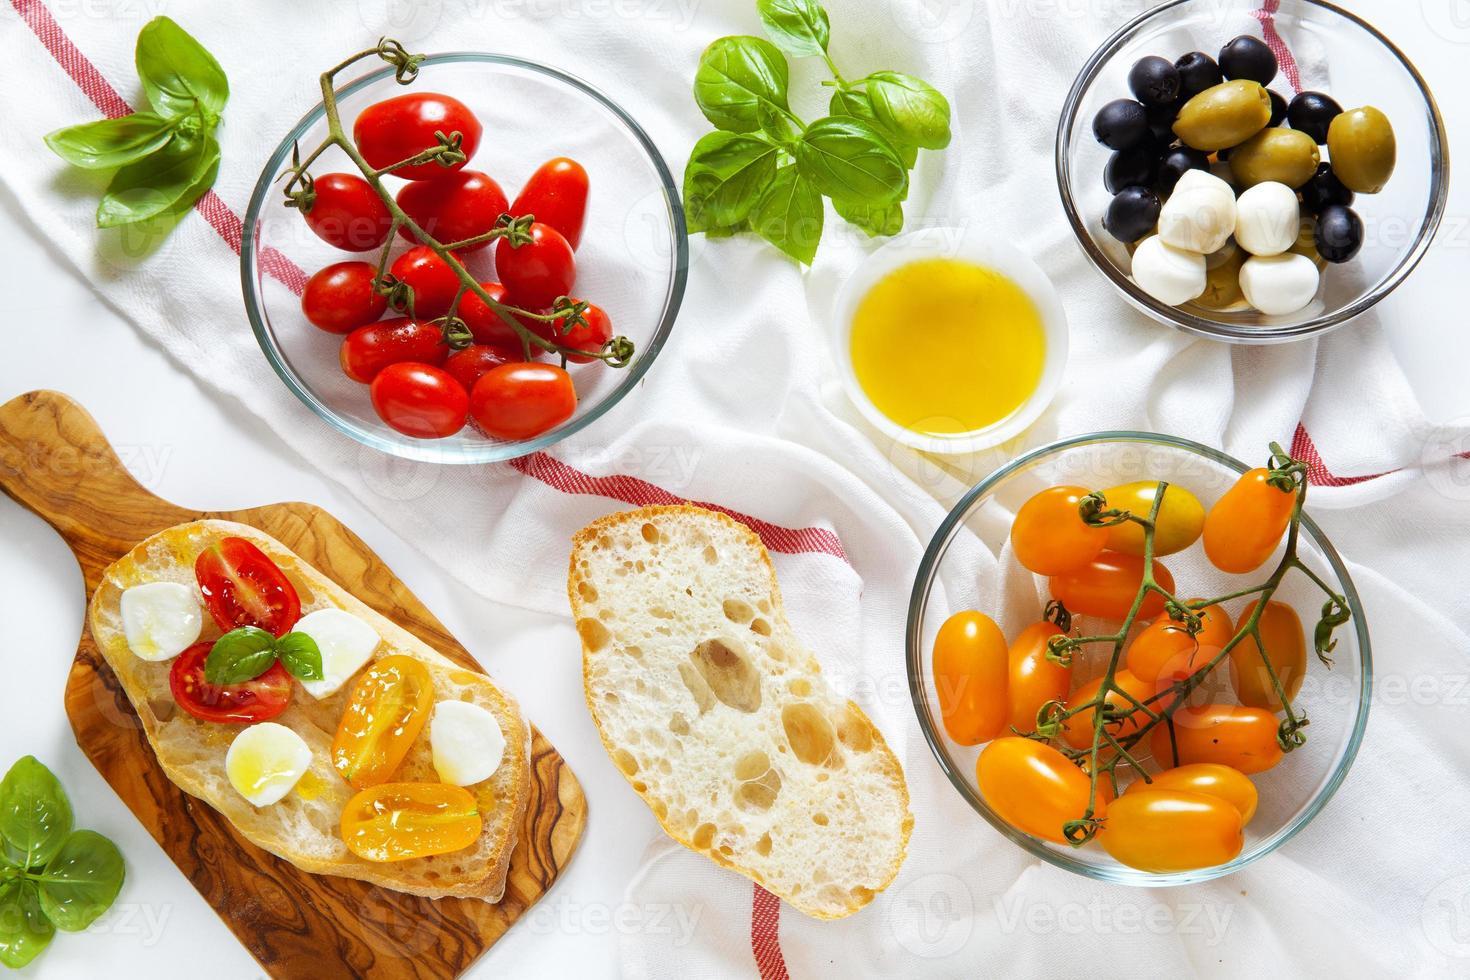 bruschetta con tomates cherry amarillos y rojos, albahaca fresca, gre foto